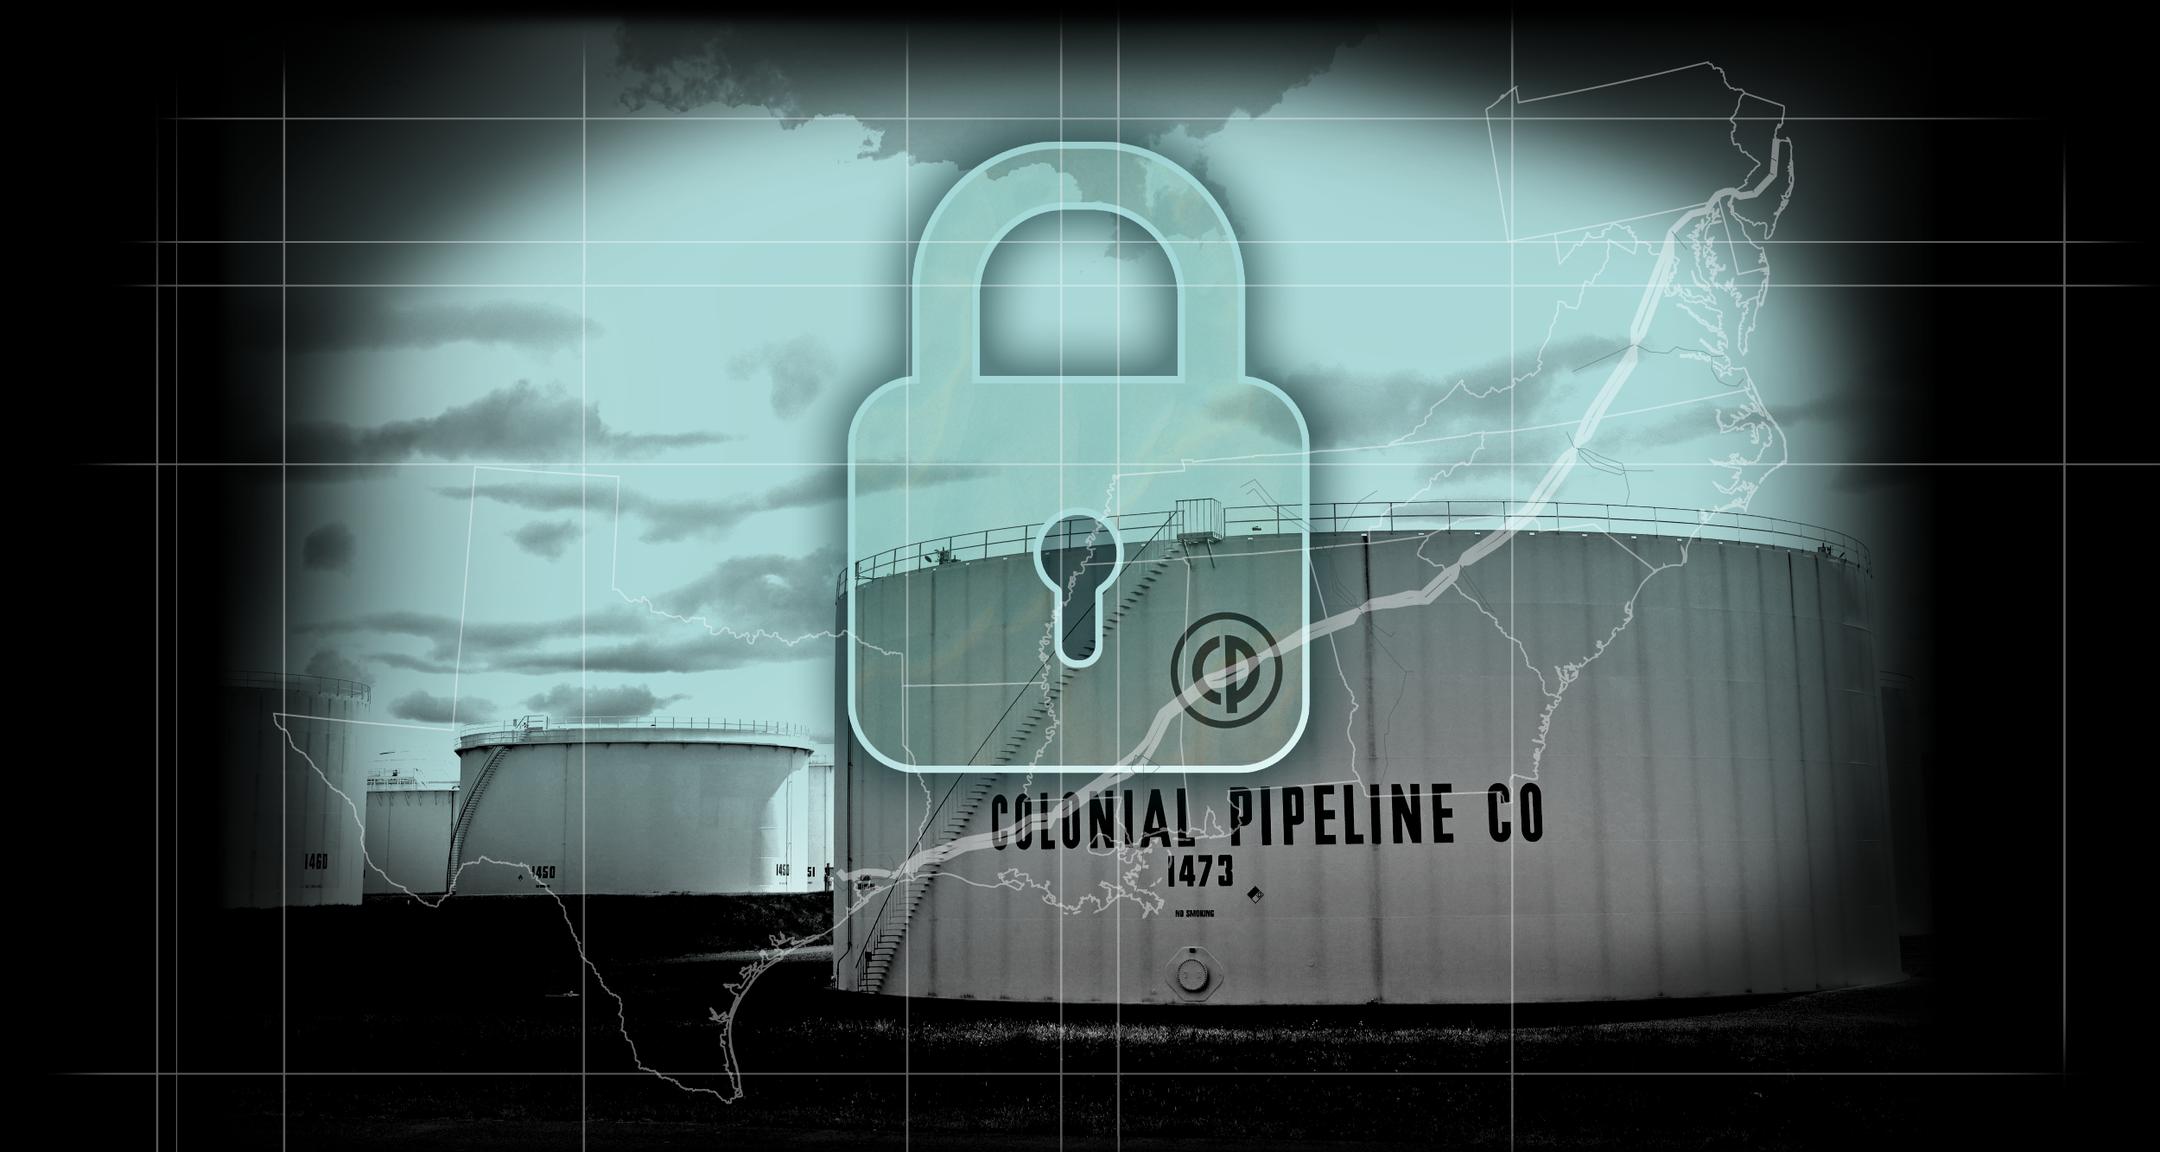 """Tấn công Ransomware """"quật ngã"""" hệ thống ống dẫn nhiên liệu chủ chốt của Hoa Kỳ"""